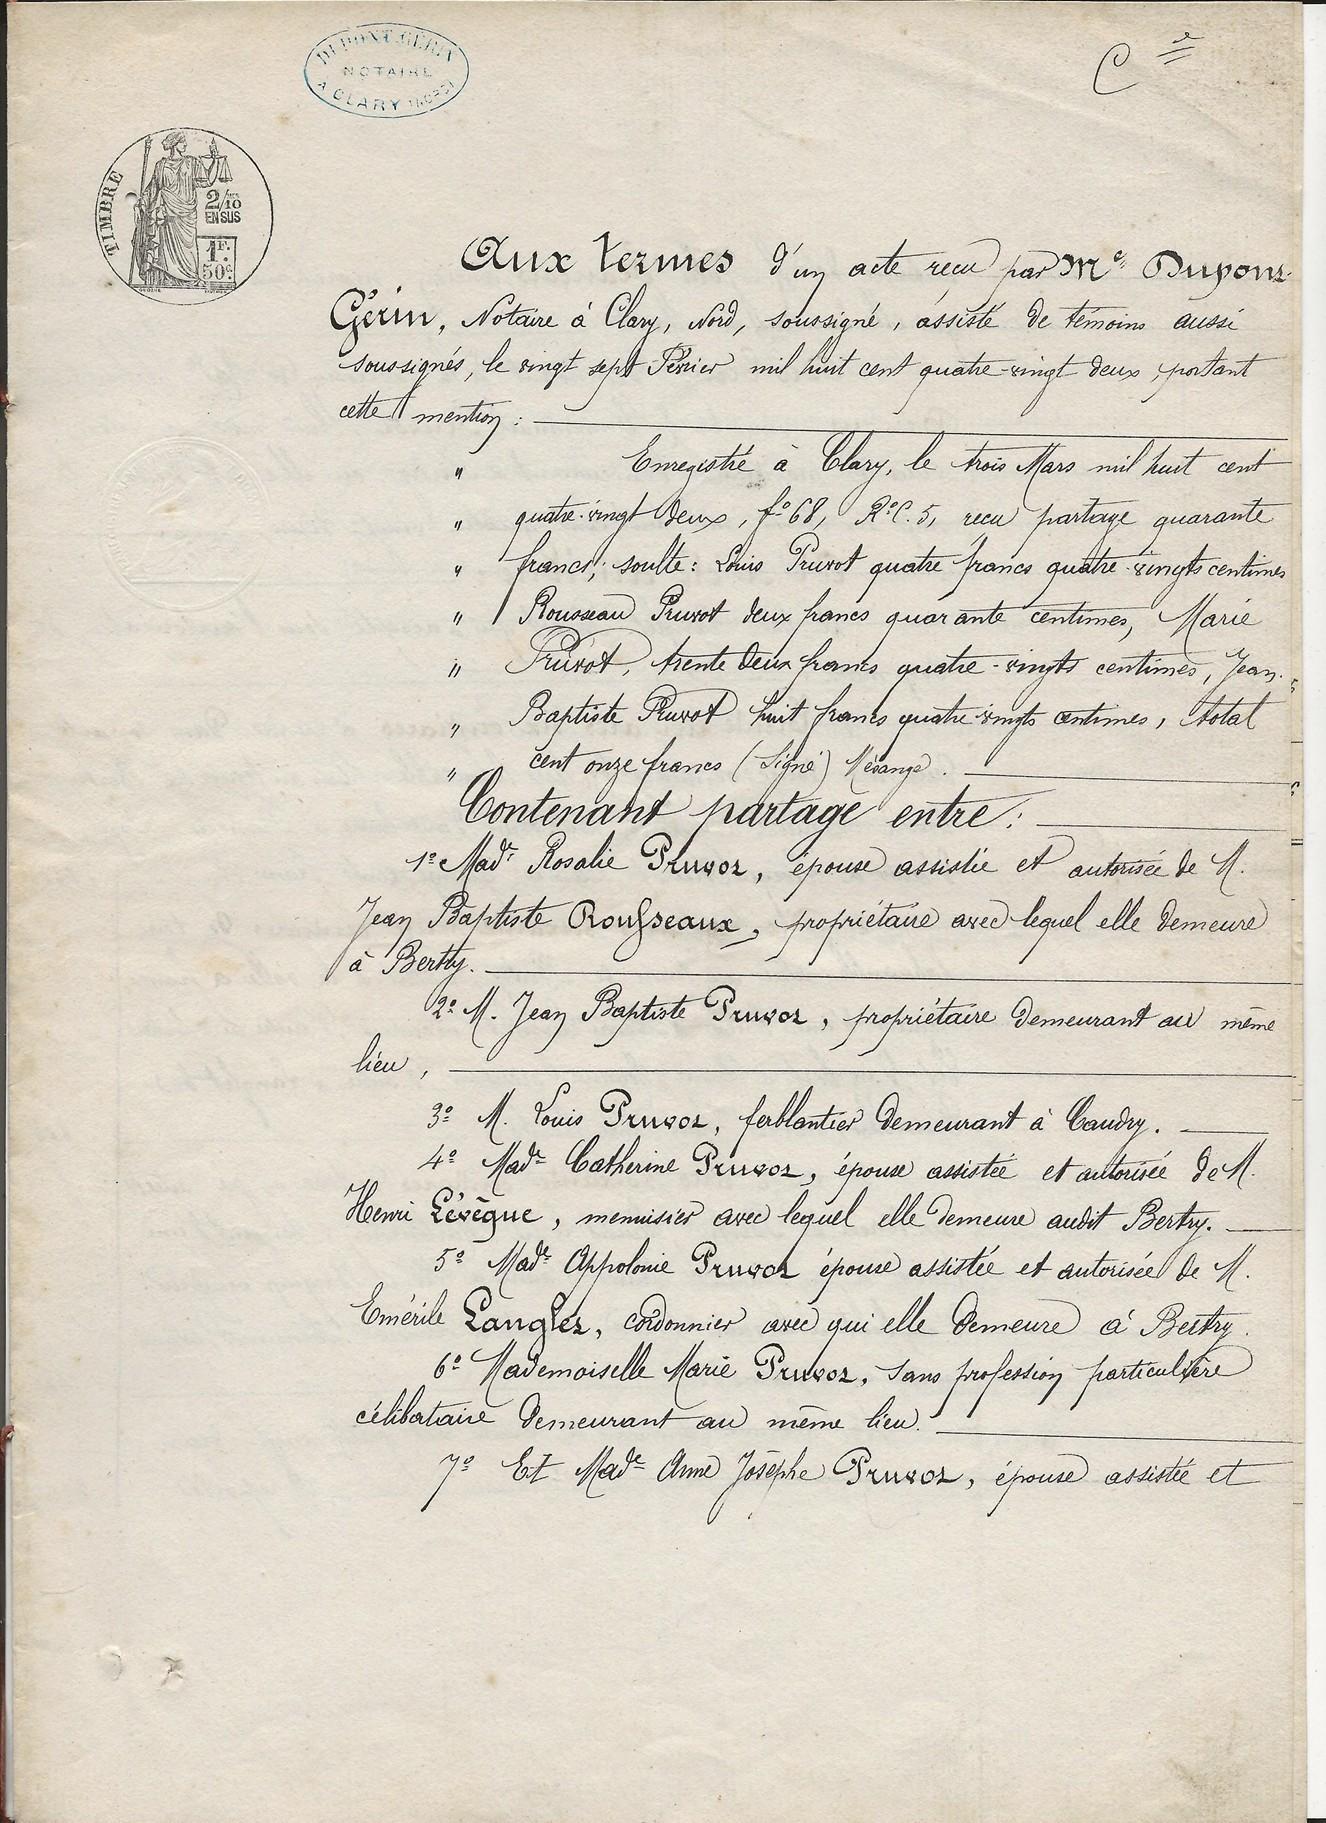 1882 succession partage de ch bricout veuve emmanuel pruvot 001